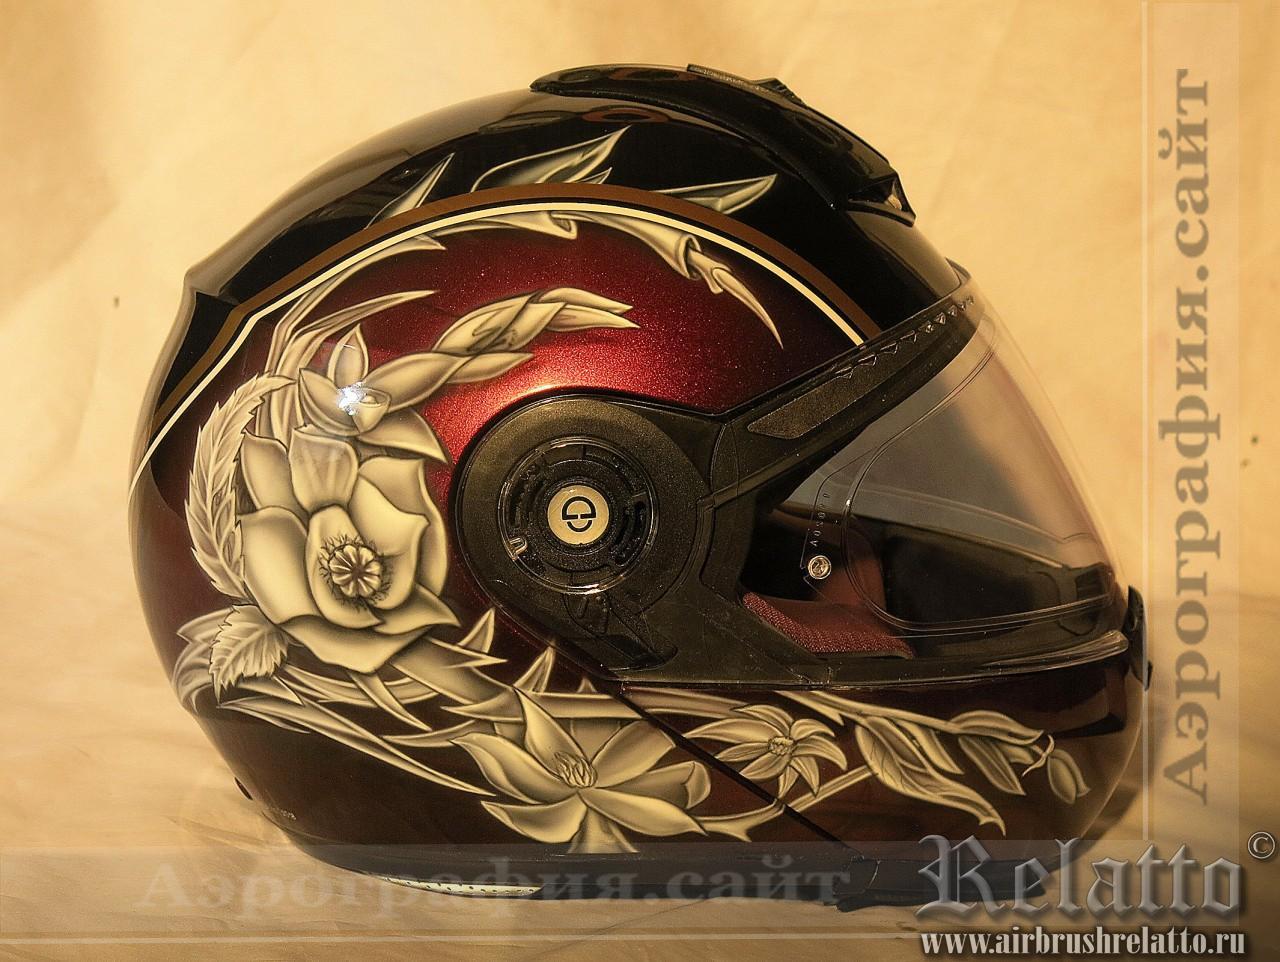 Шлем с цветочным дизайном в аэрографии